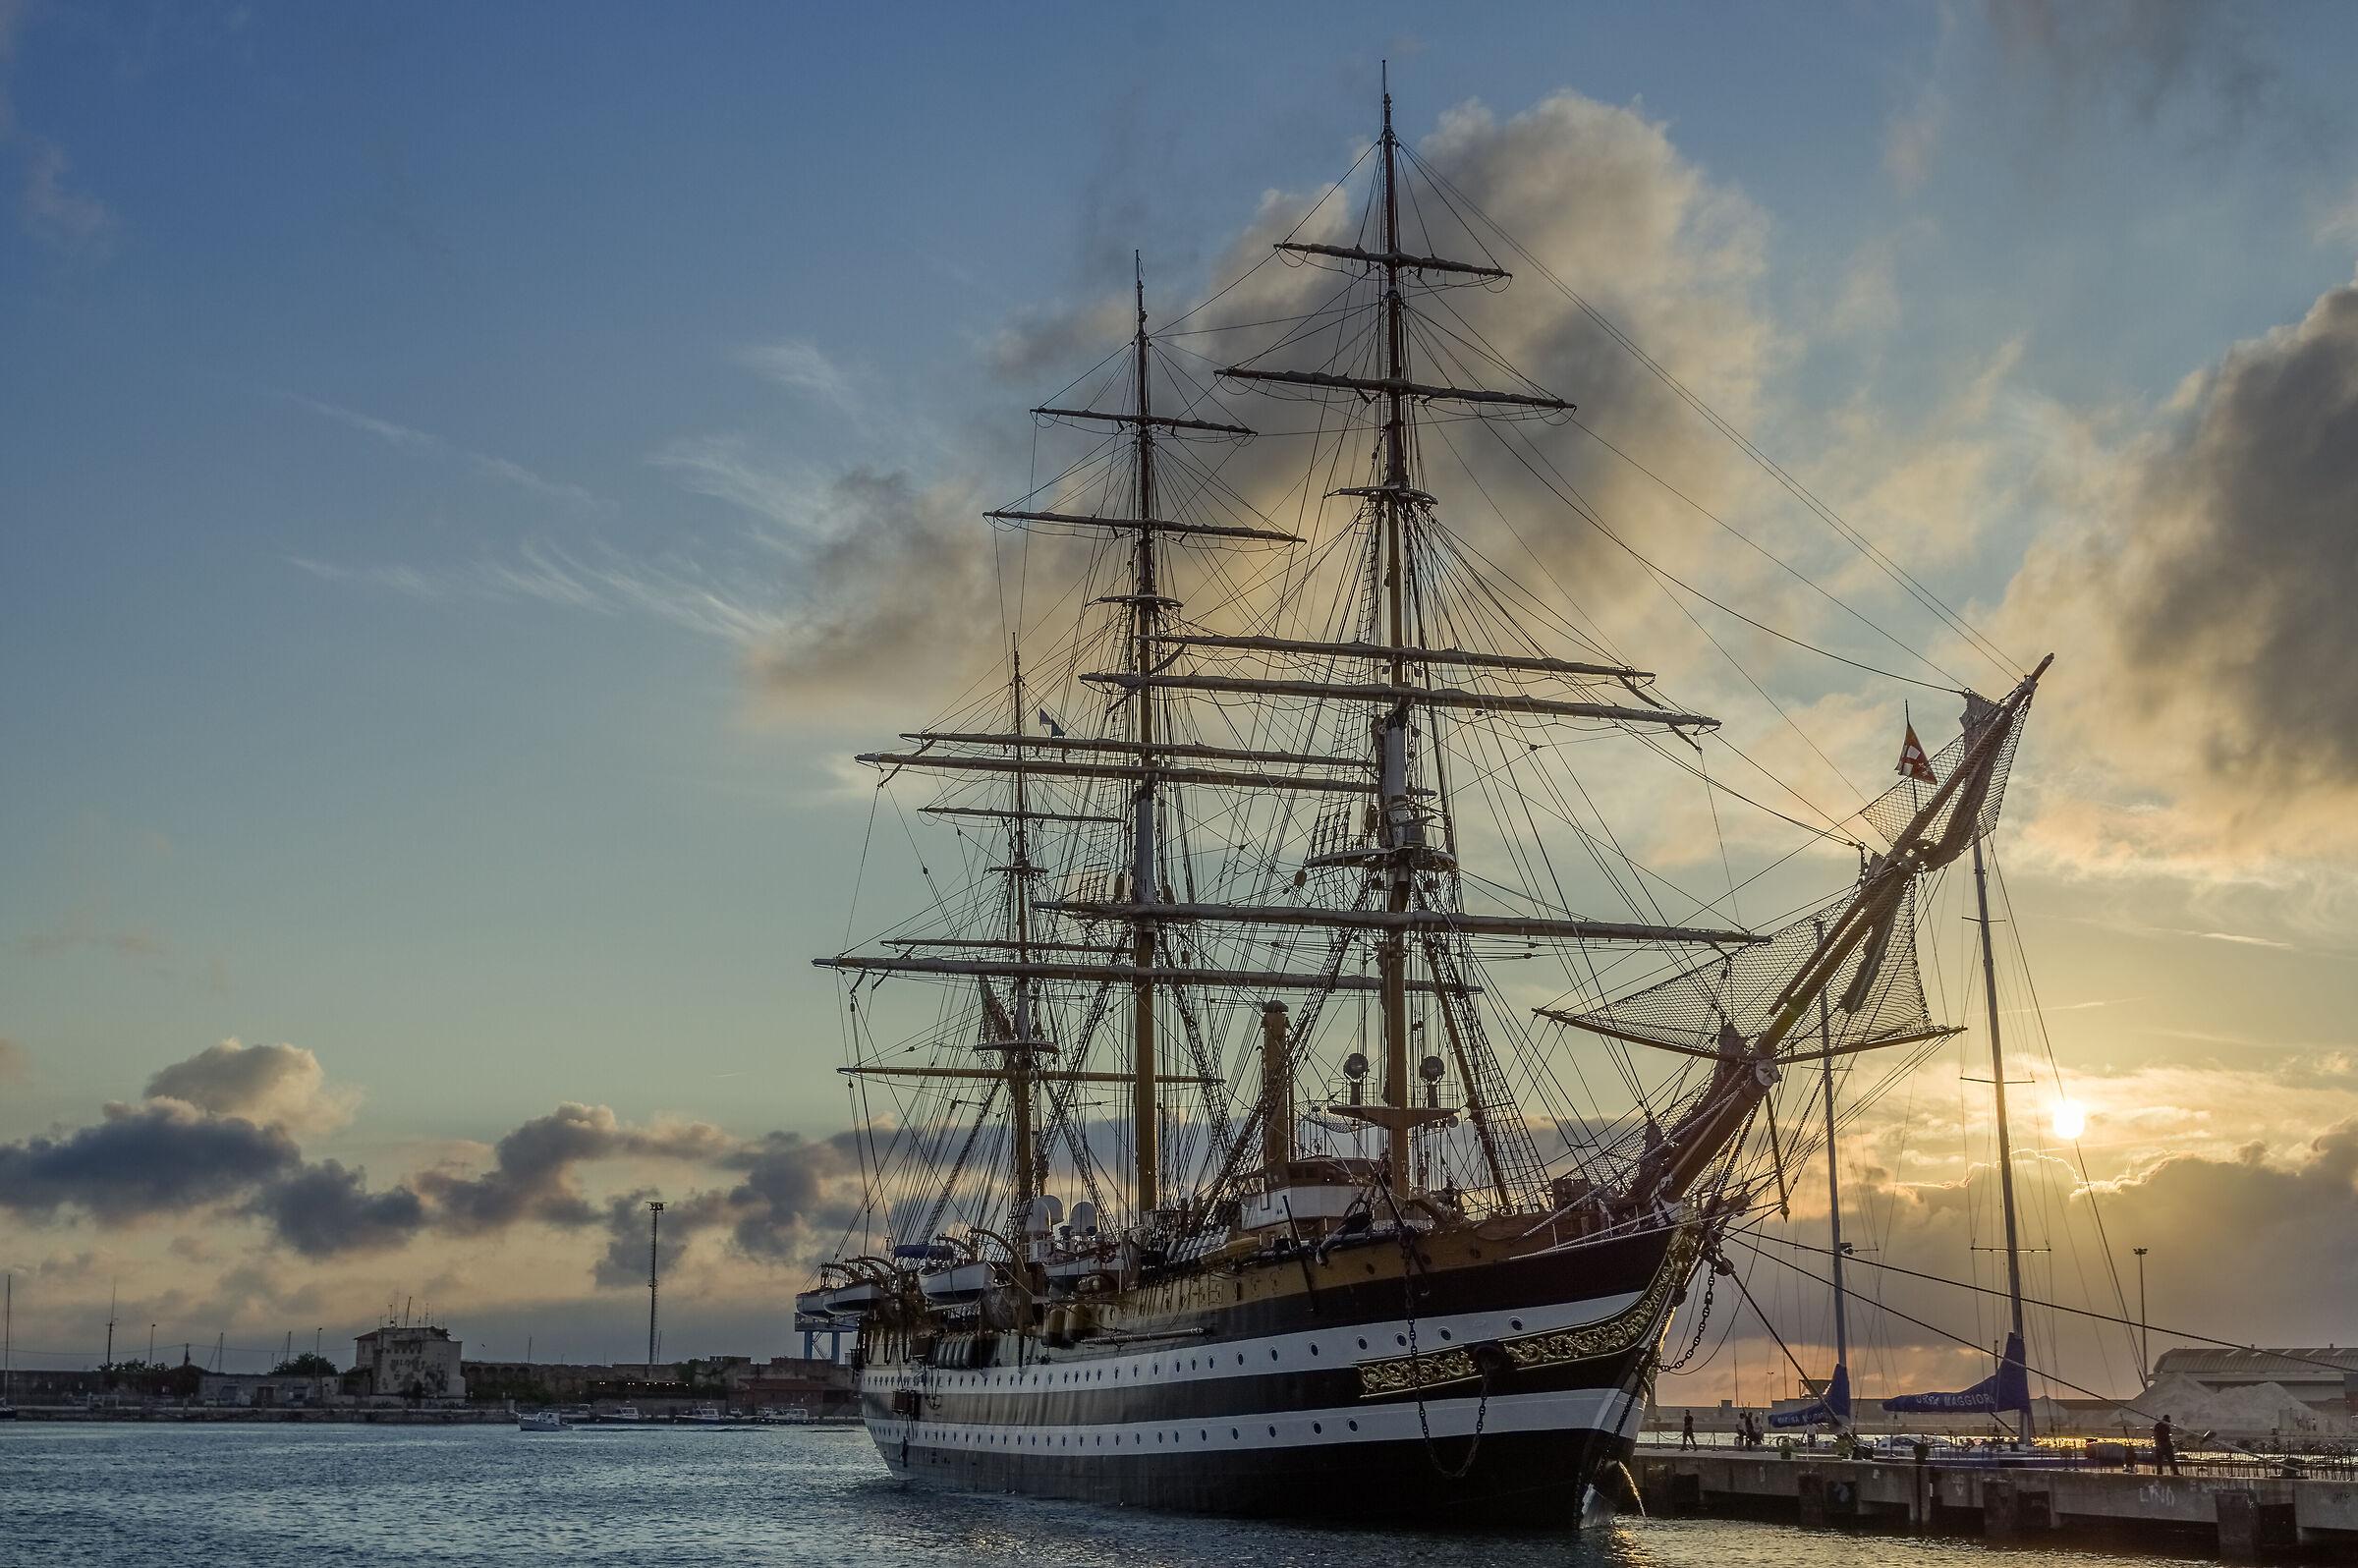 the ship Amerigo Vespucci ...